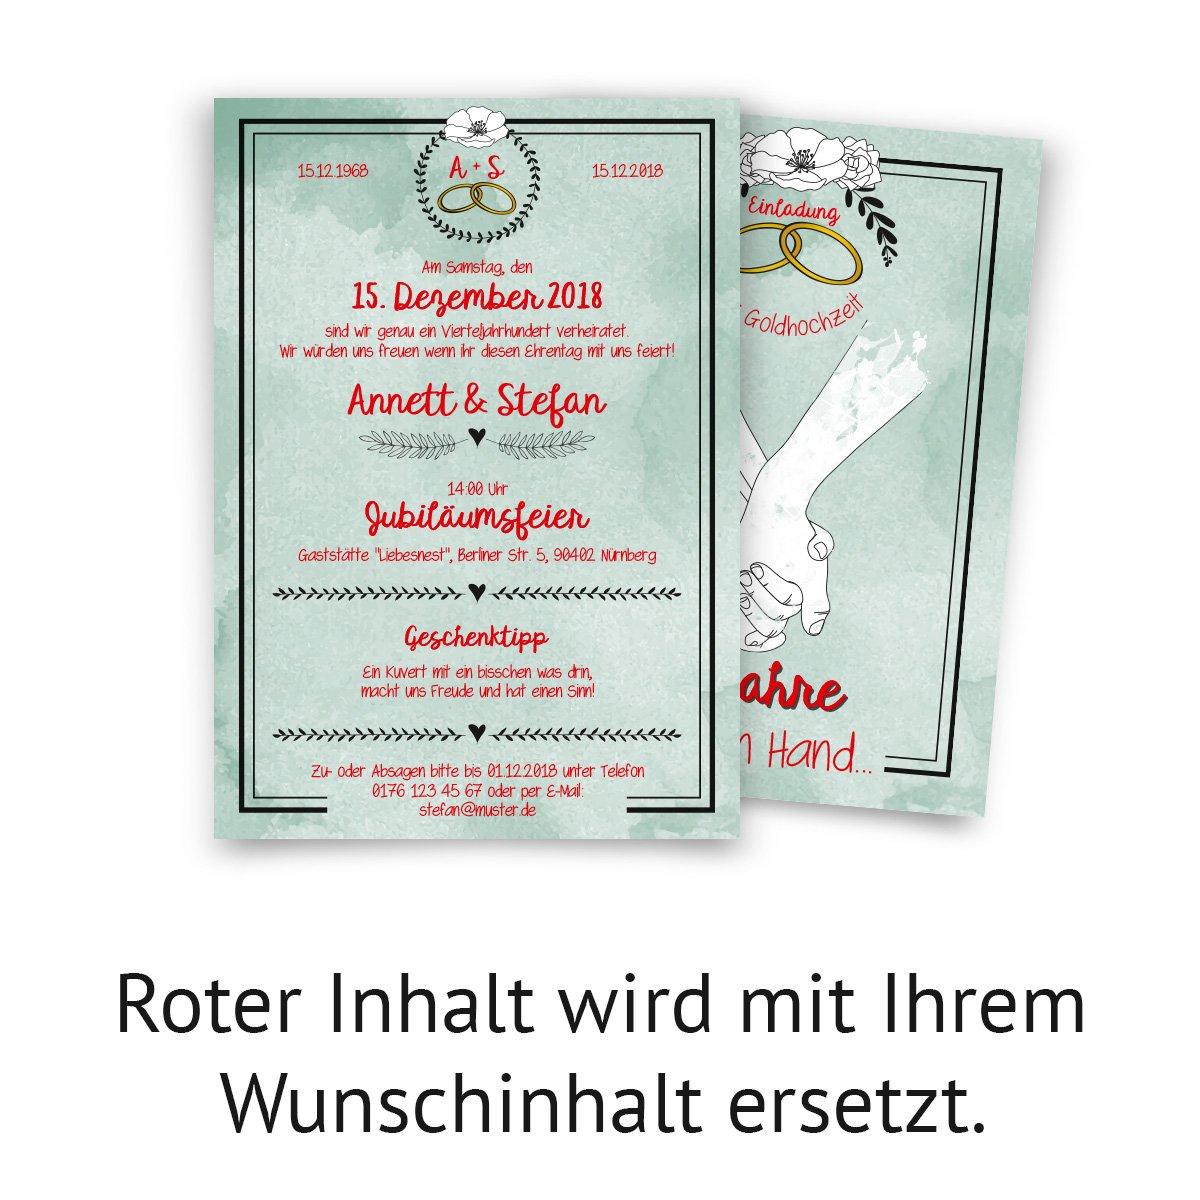 20 x Hochzeitseinladungen Silberhochzeit silberne Hochzeit Einladung Hand in Hand